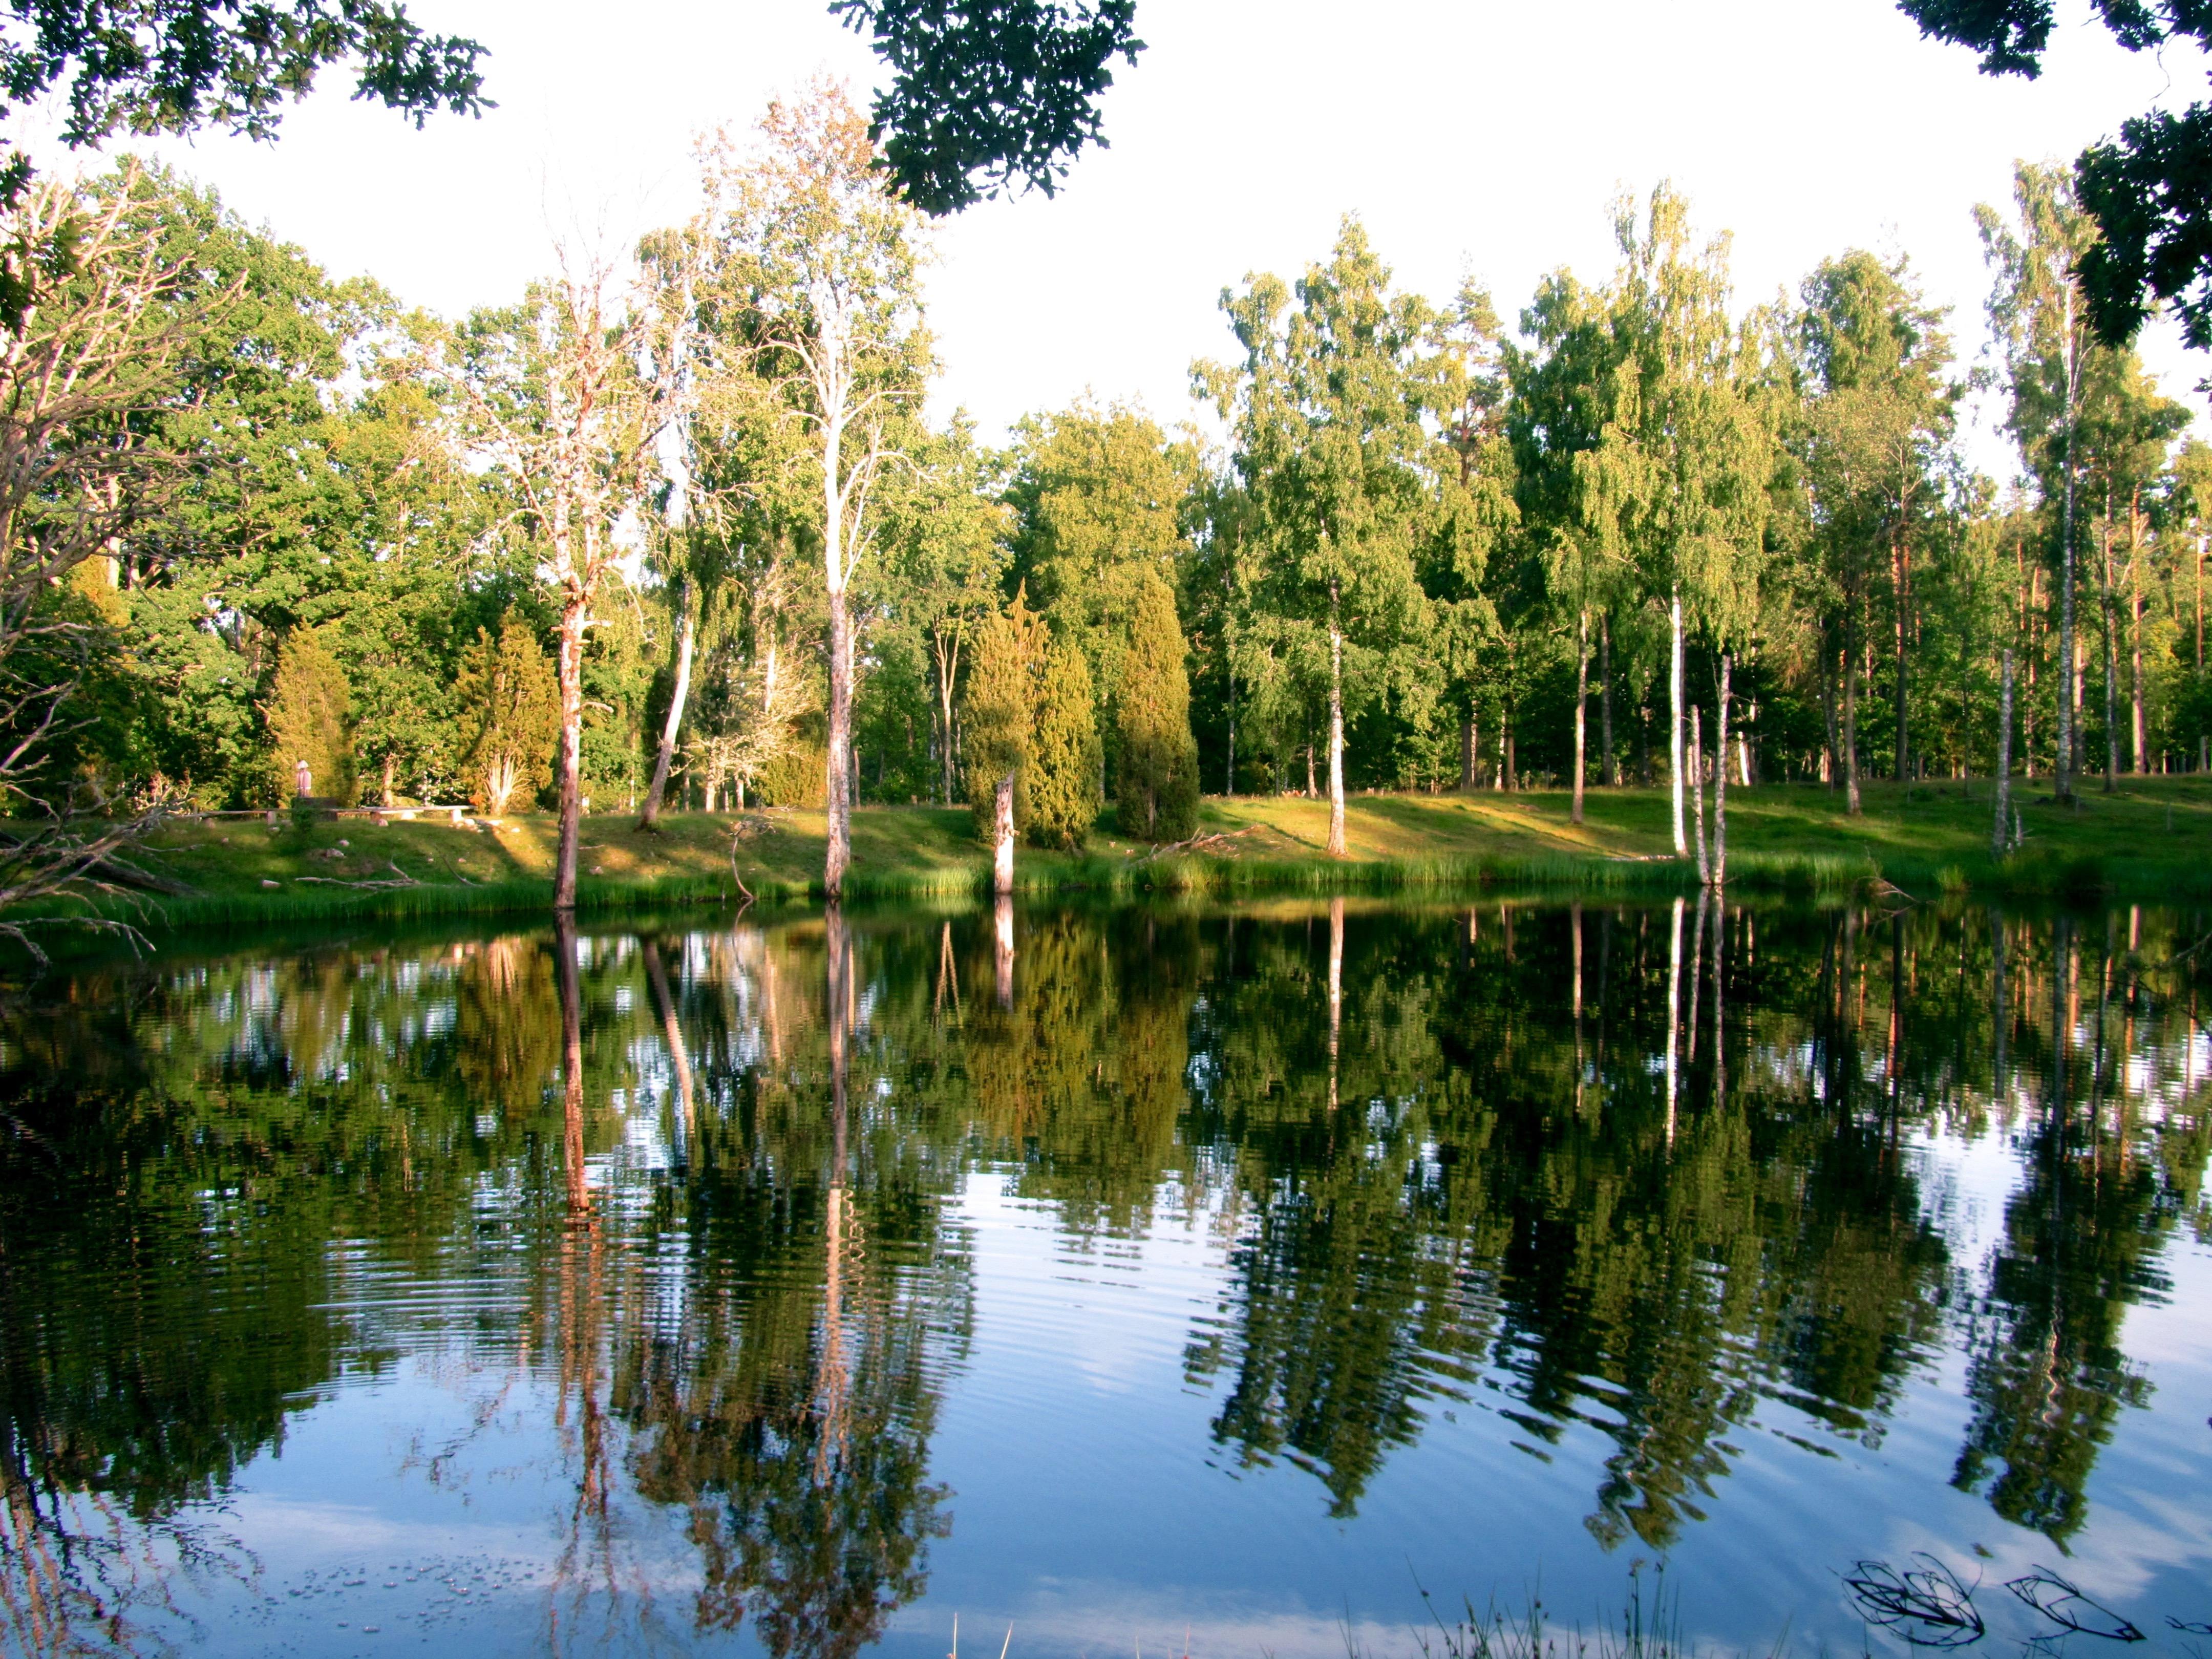 Keine Direktzahlungen bedeutet mehr Geld für Naturschutz - Naturschutzgebiet Korrö, Småland, Schweden